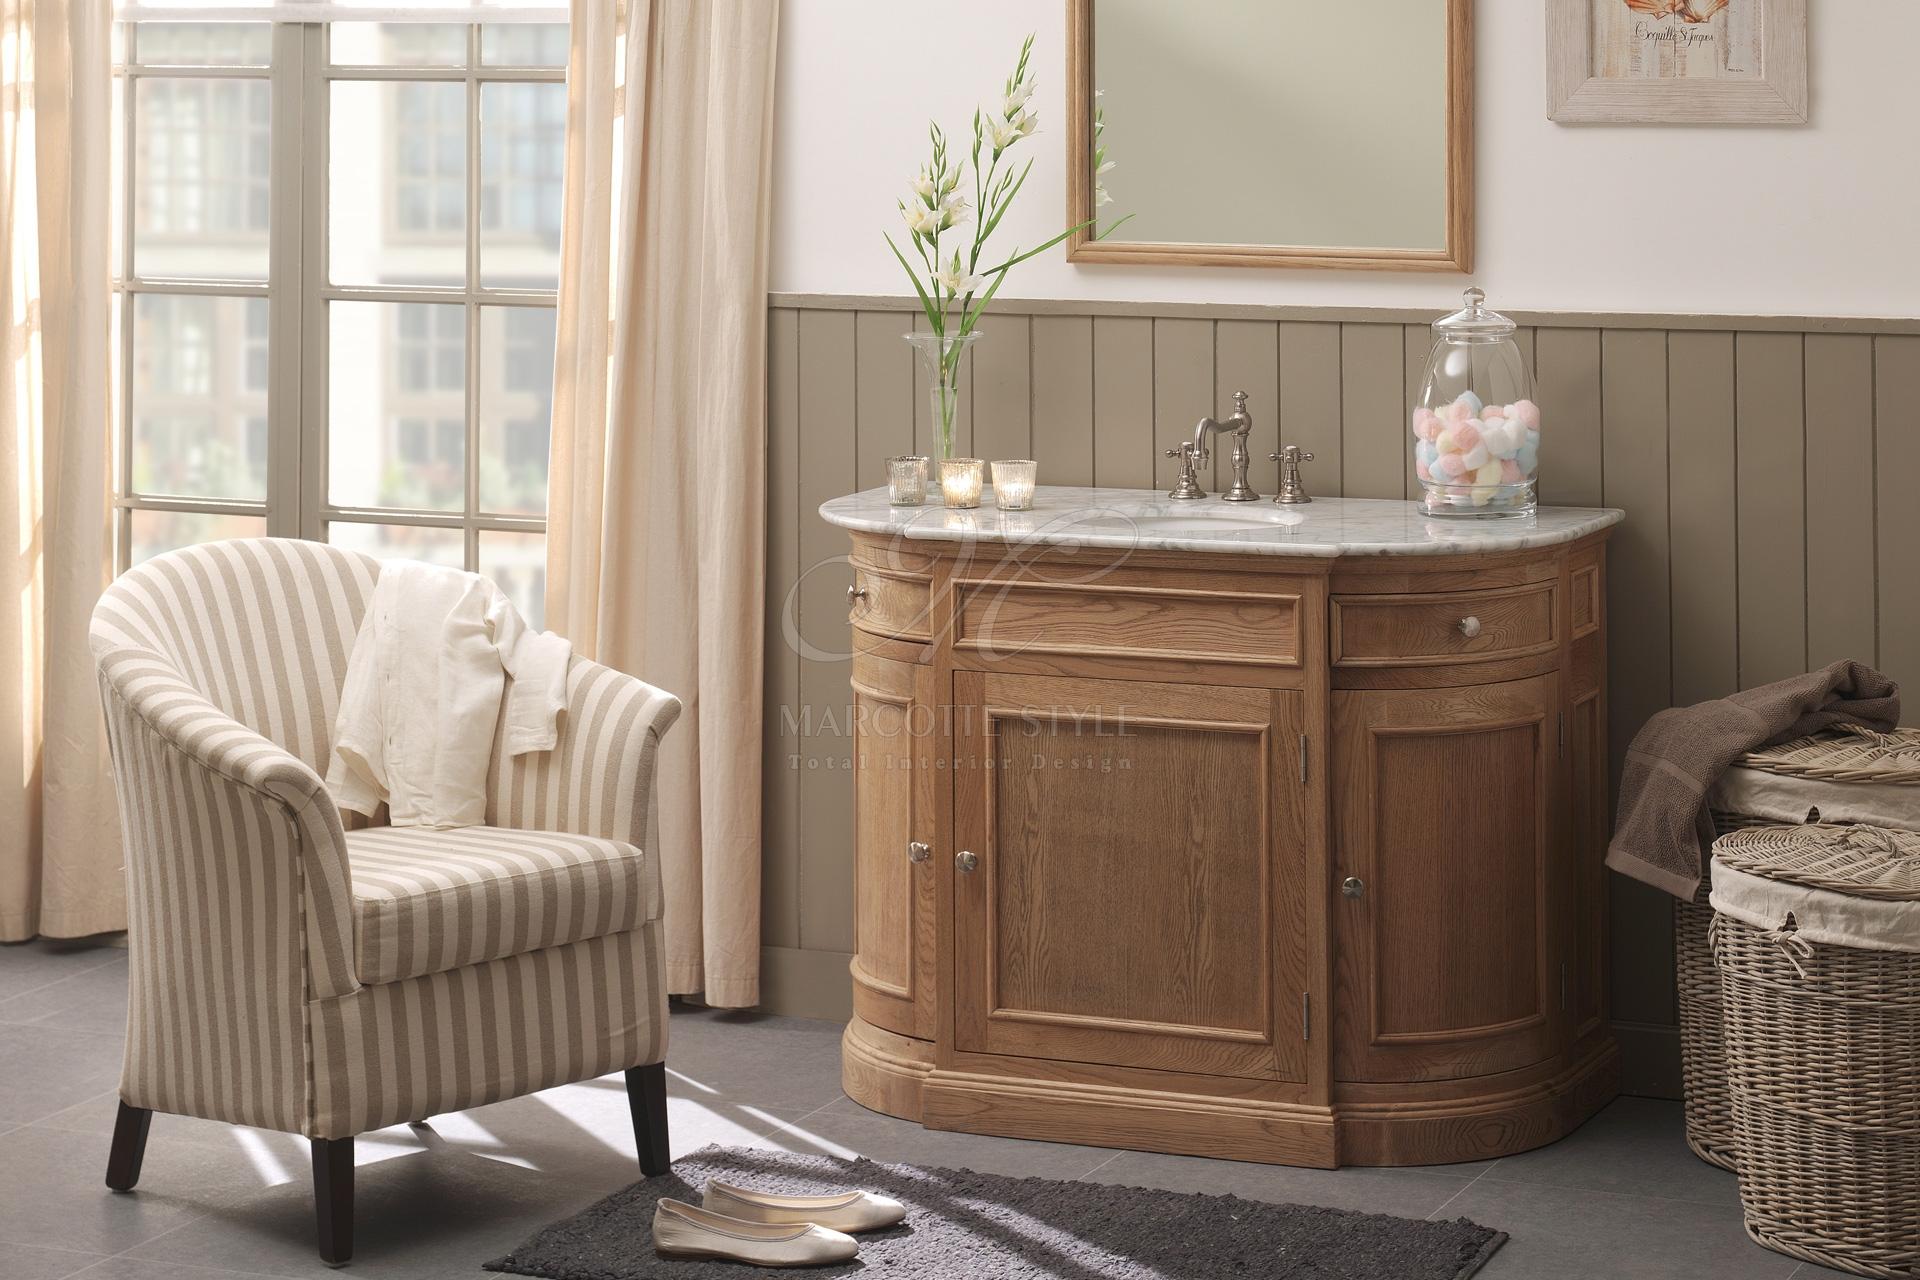 Badkamermeubel eiken - Badkamer meubels ...